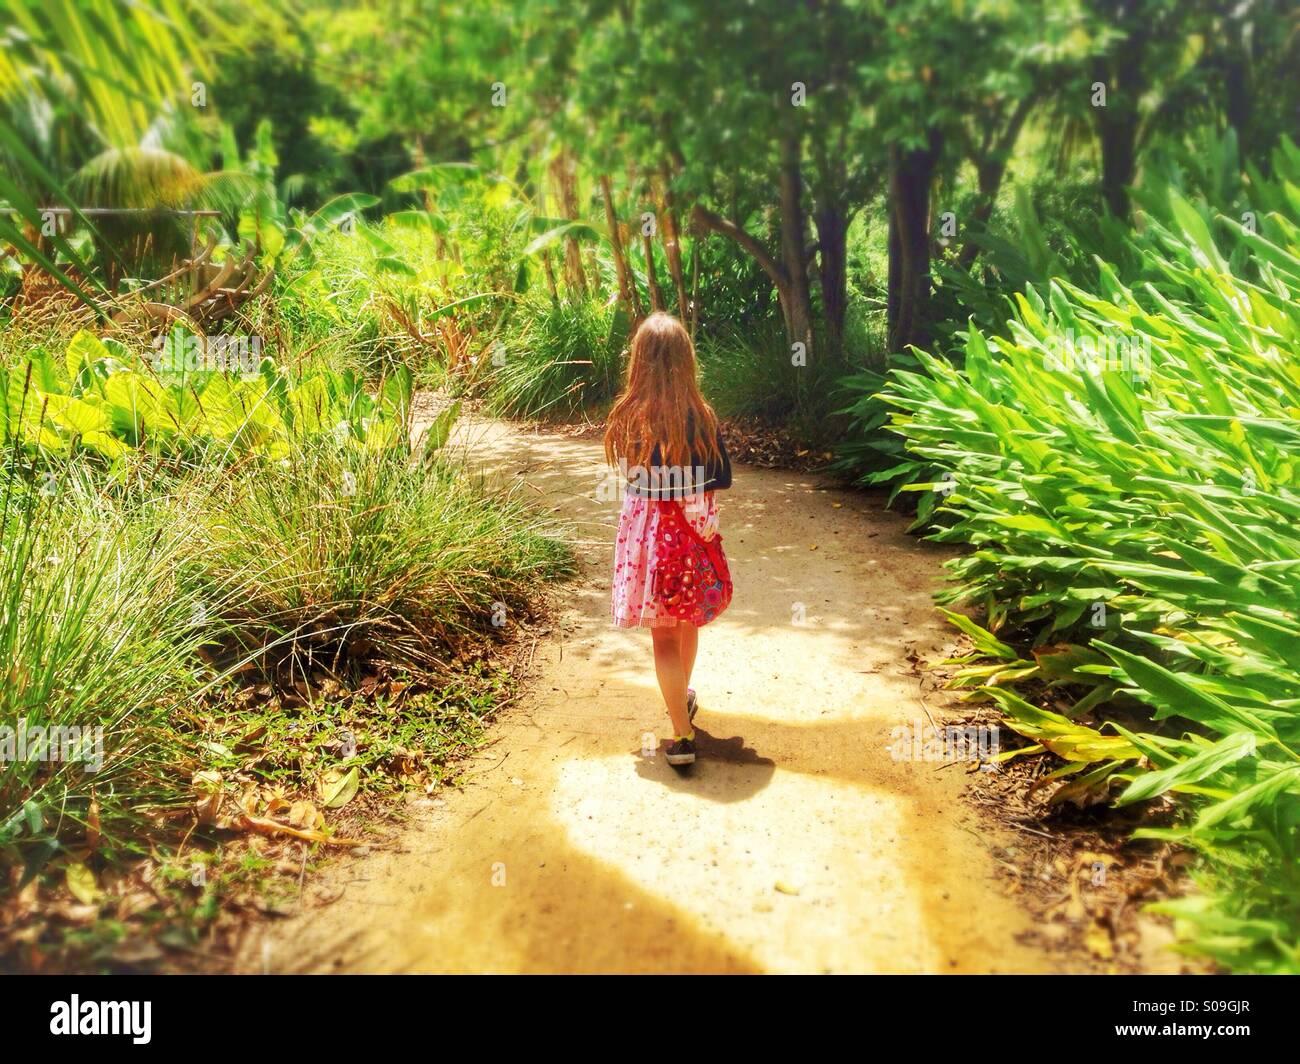 Une petite fille qui marche sur un chemin dans la jungle. Photo Stock